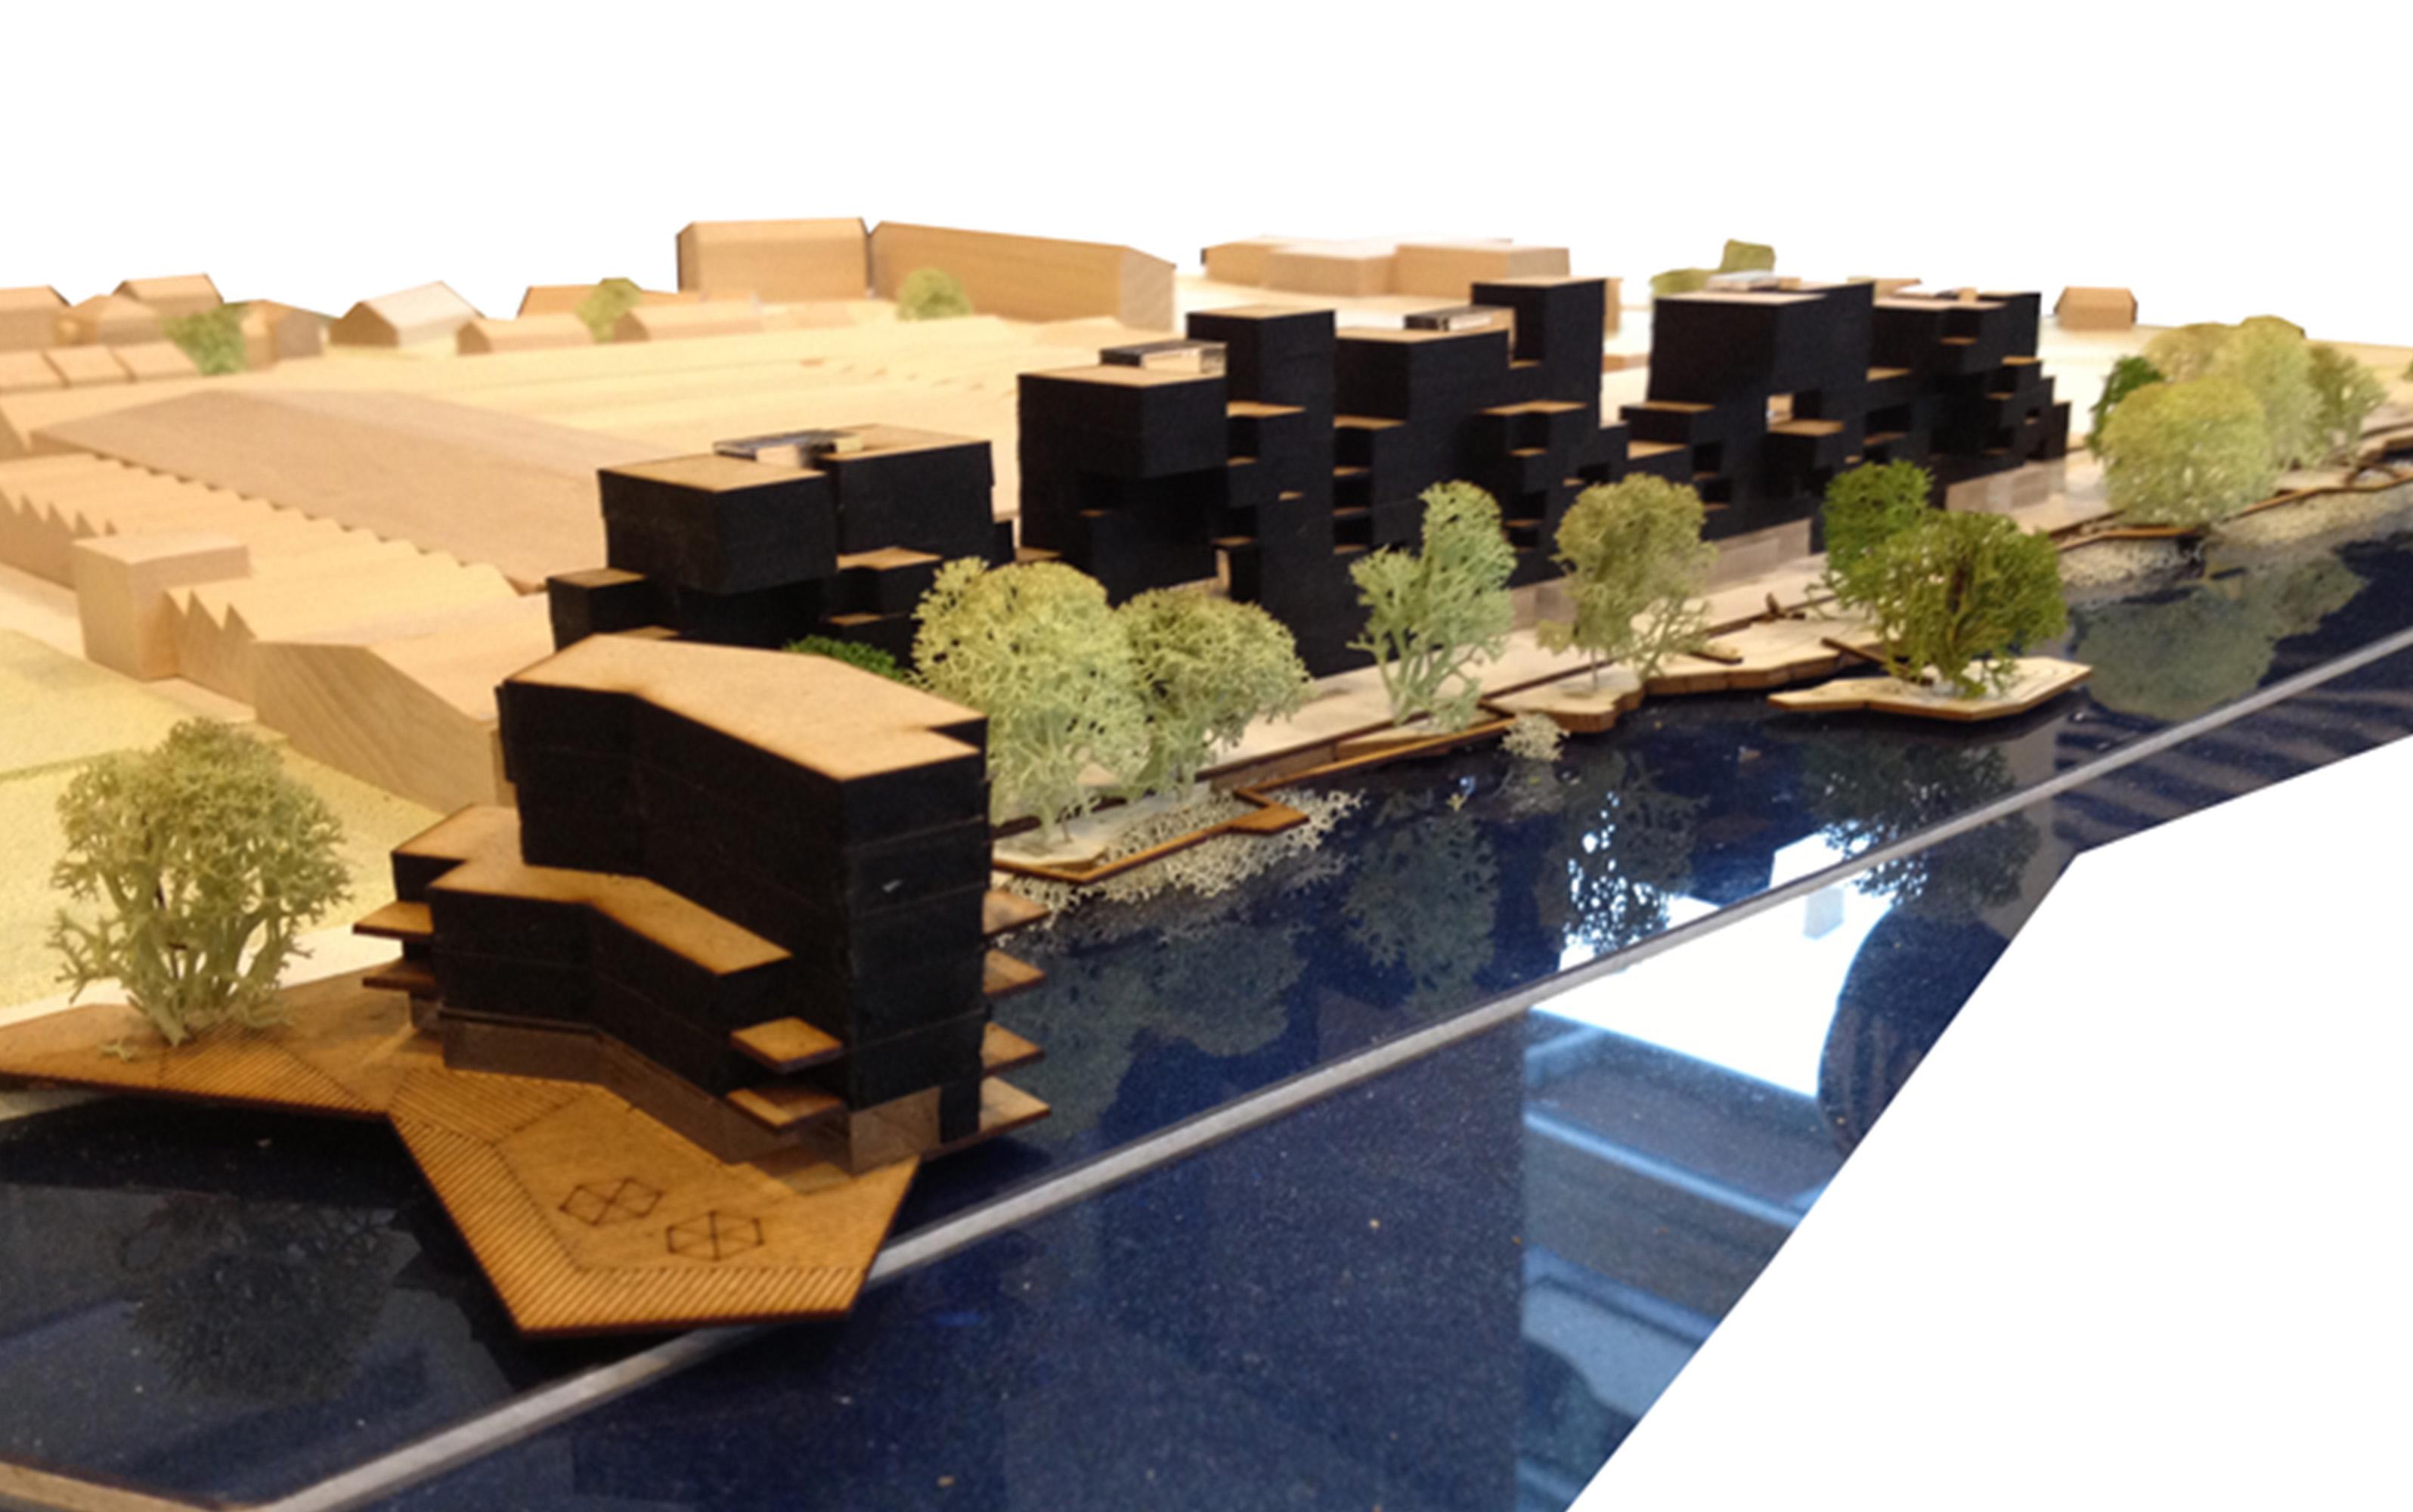 alingsas_LAND_2012_modell